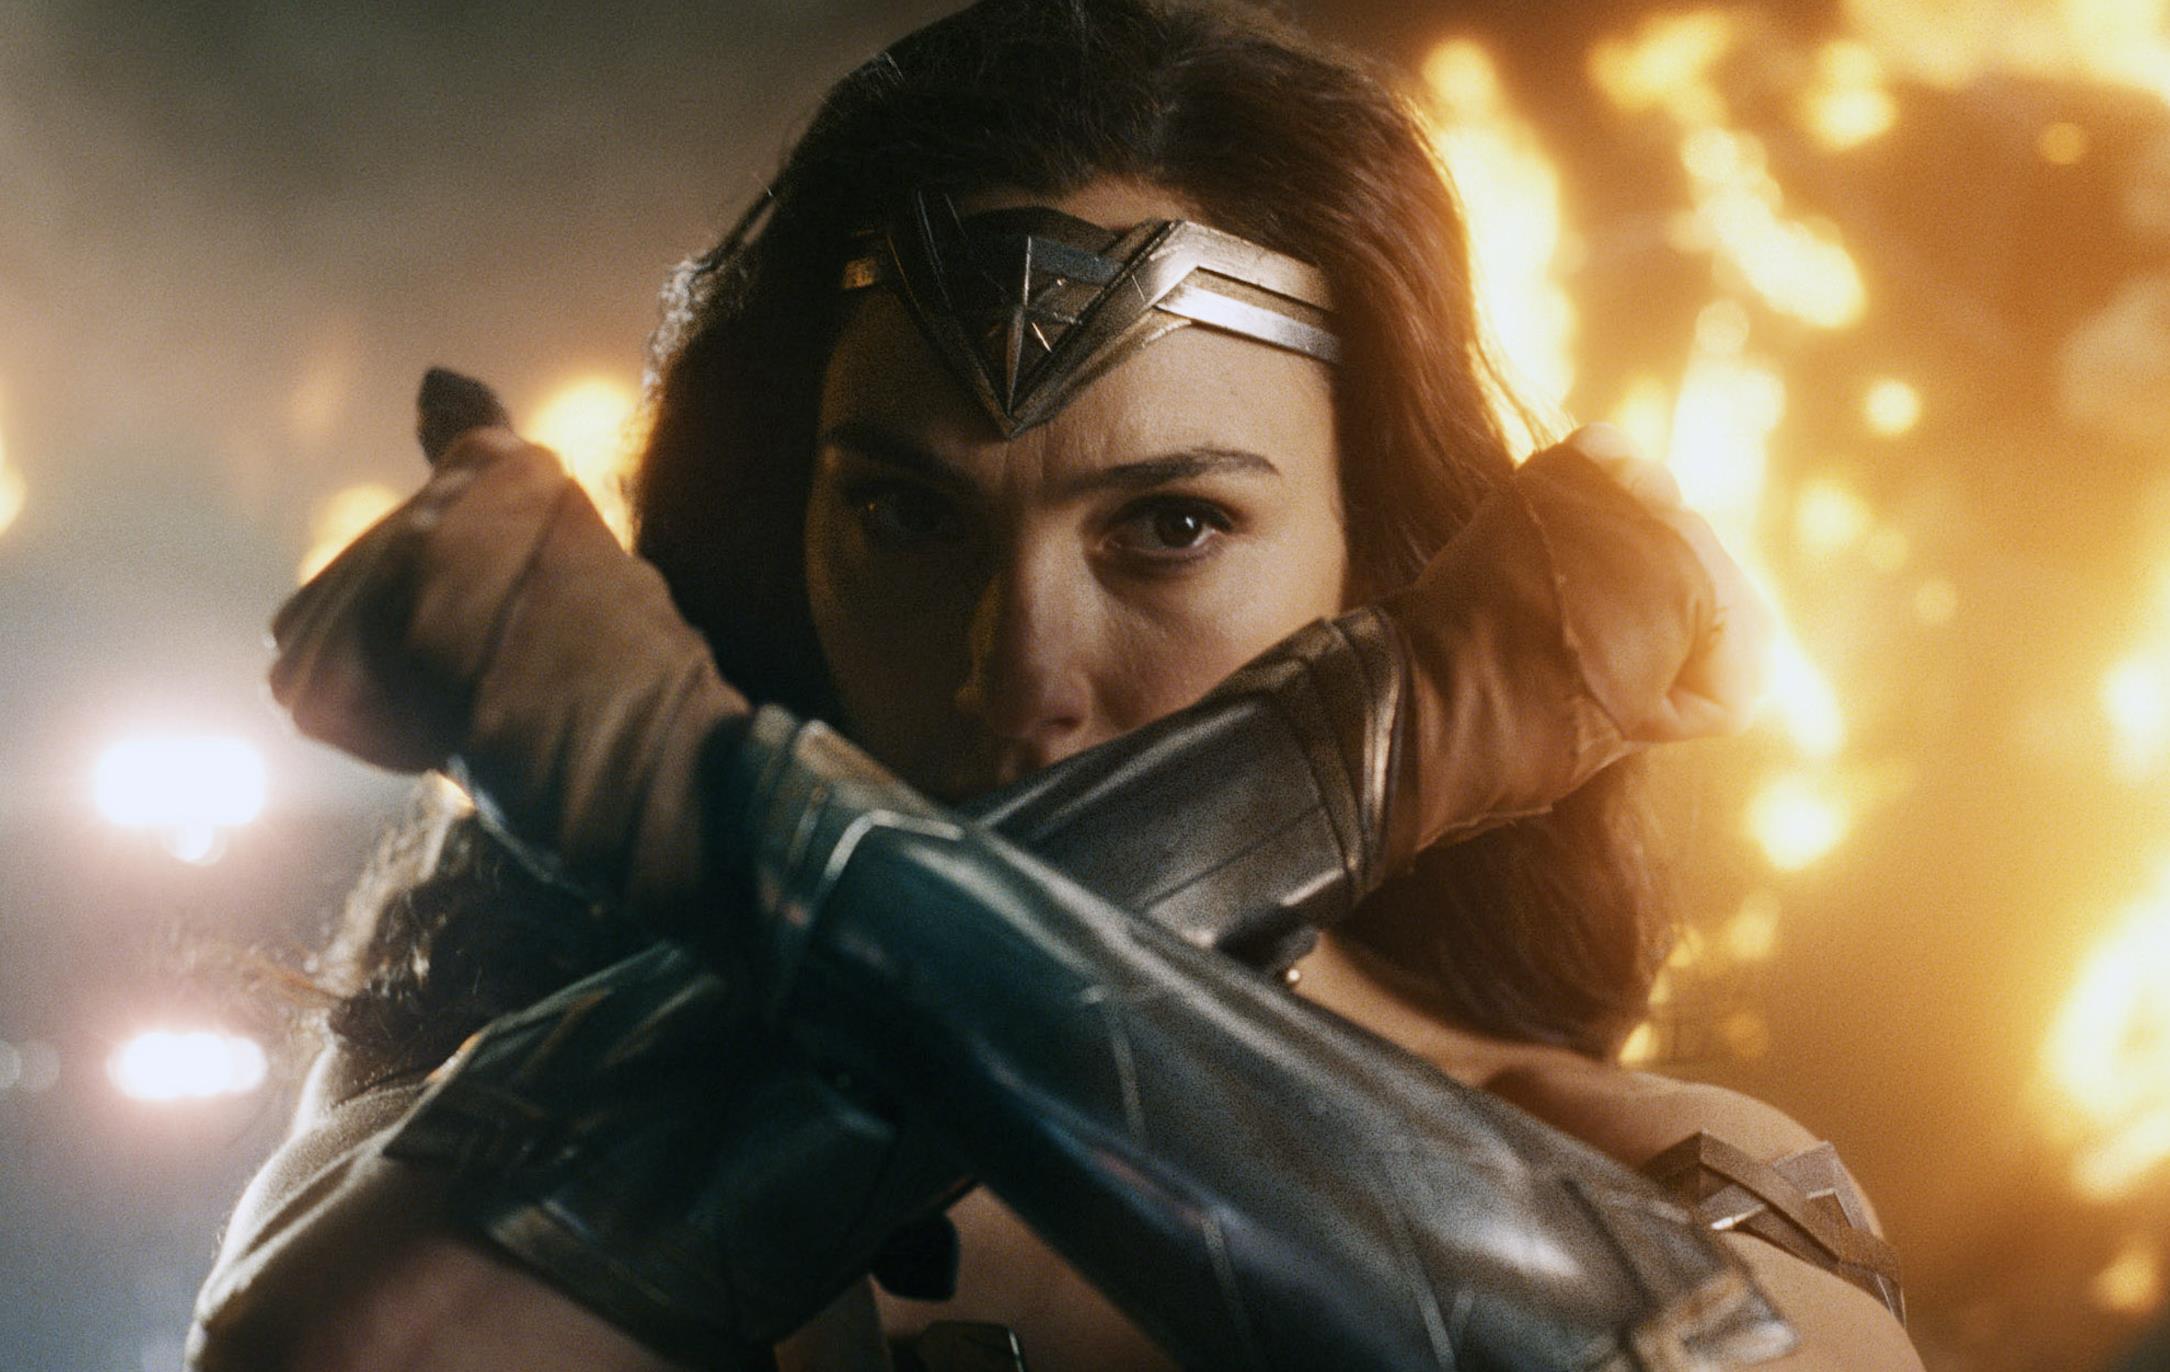 Gal Gadot confirma que Joss Whedon ameaçou sua carreira no set de Liga da Justiça